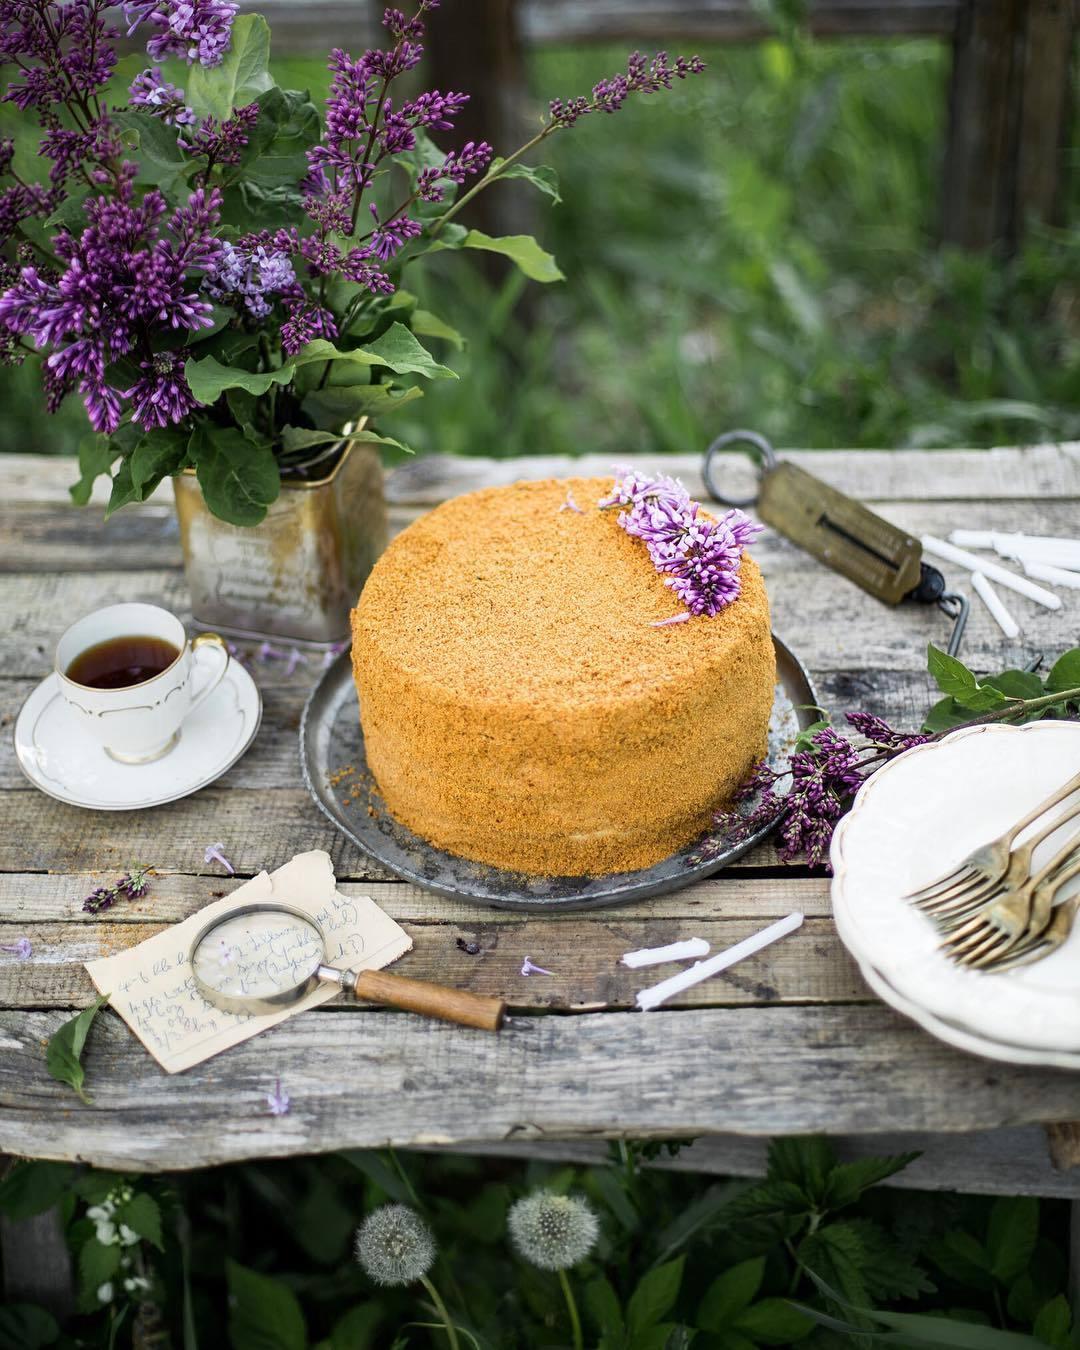 宠物-这位漂亮的美女蛋糕师,让猫咪来为蛋糕代言,将平淡无奇的蛋糕化腐朽为神奇(32)